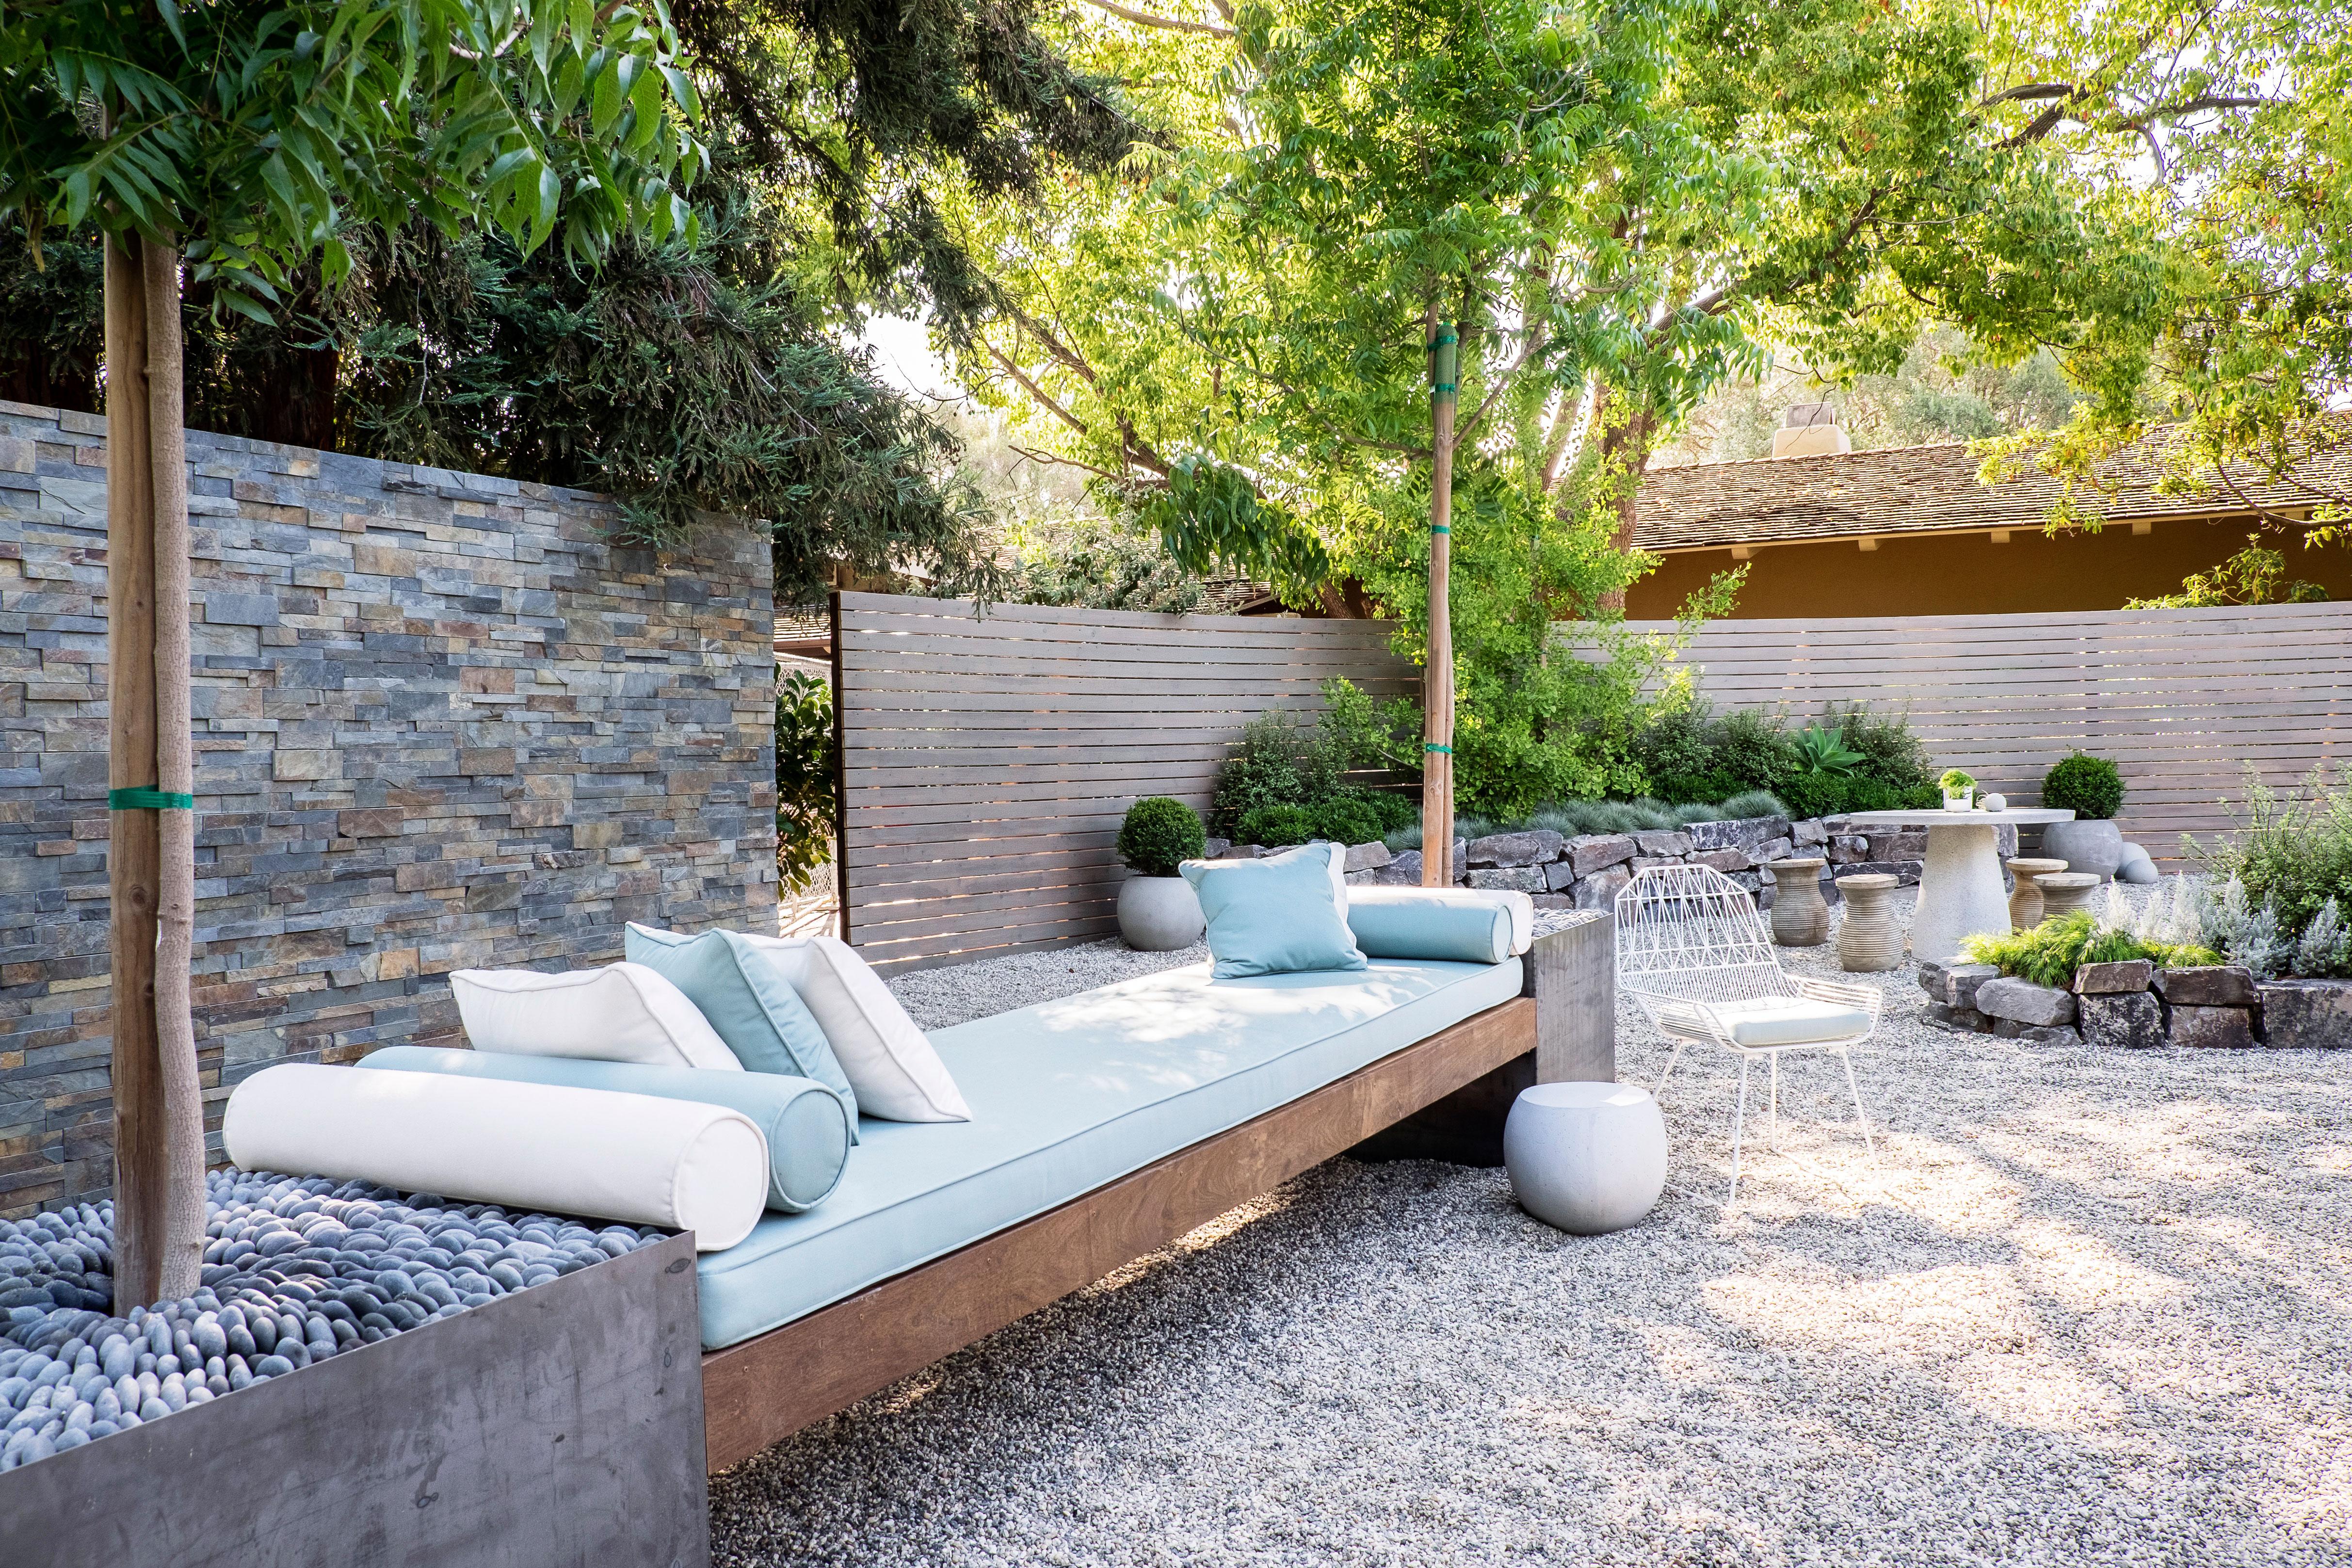 How to Design a Low-Water Zen Garden - Sunset Magazine on Zen Garden Backyard Ideas id=24404